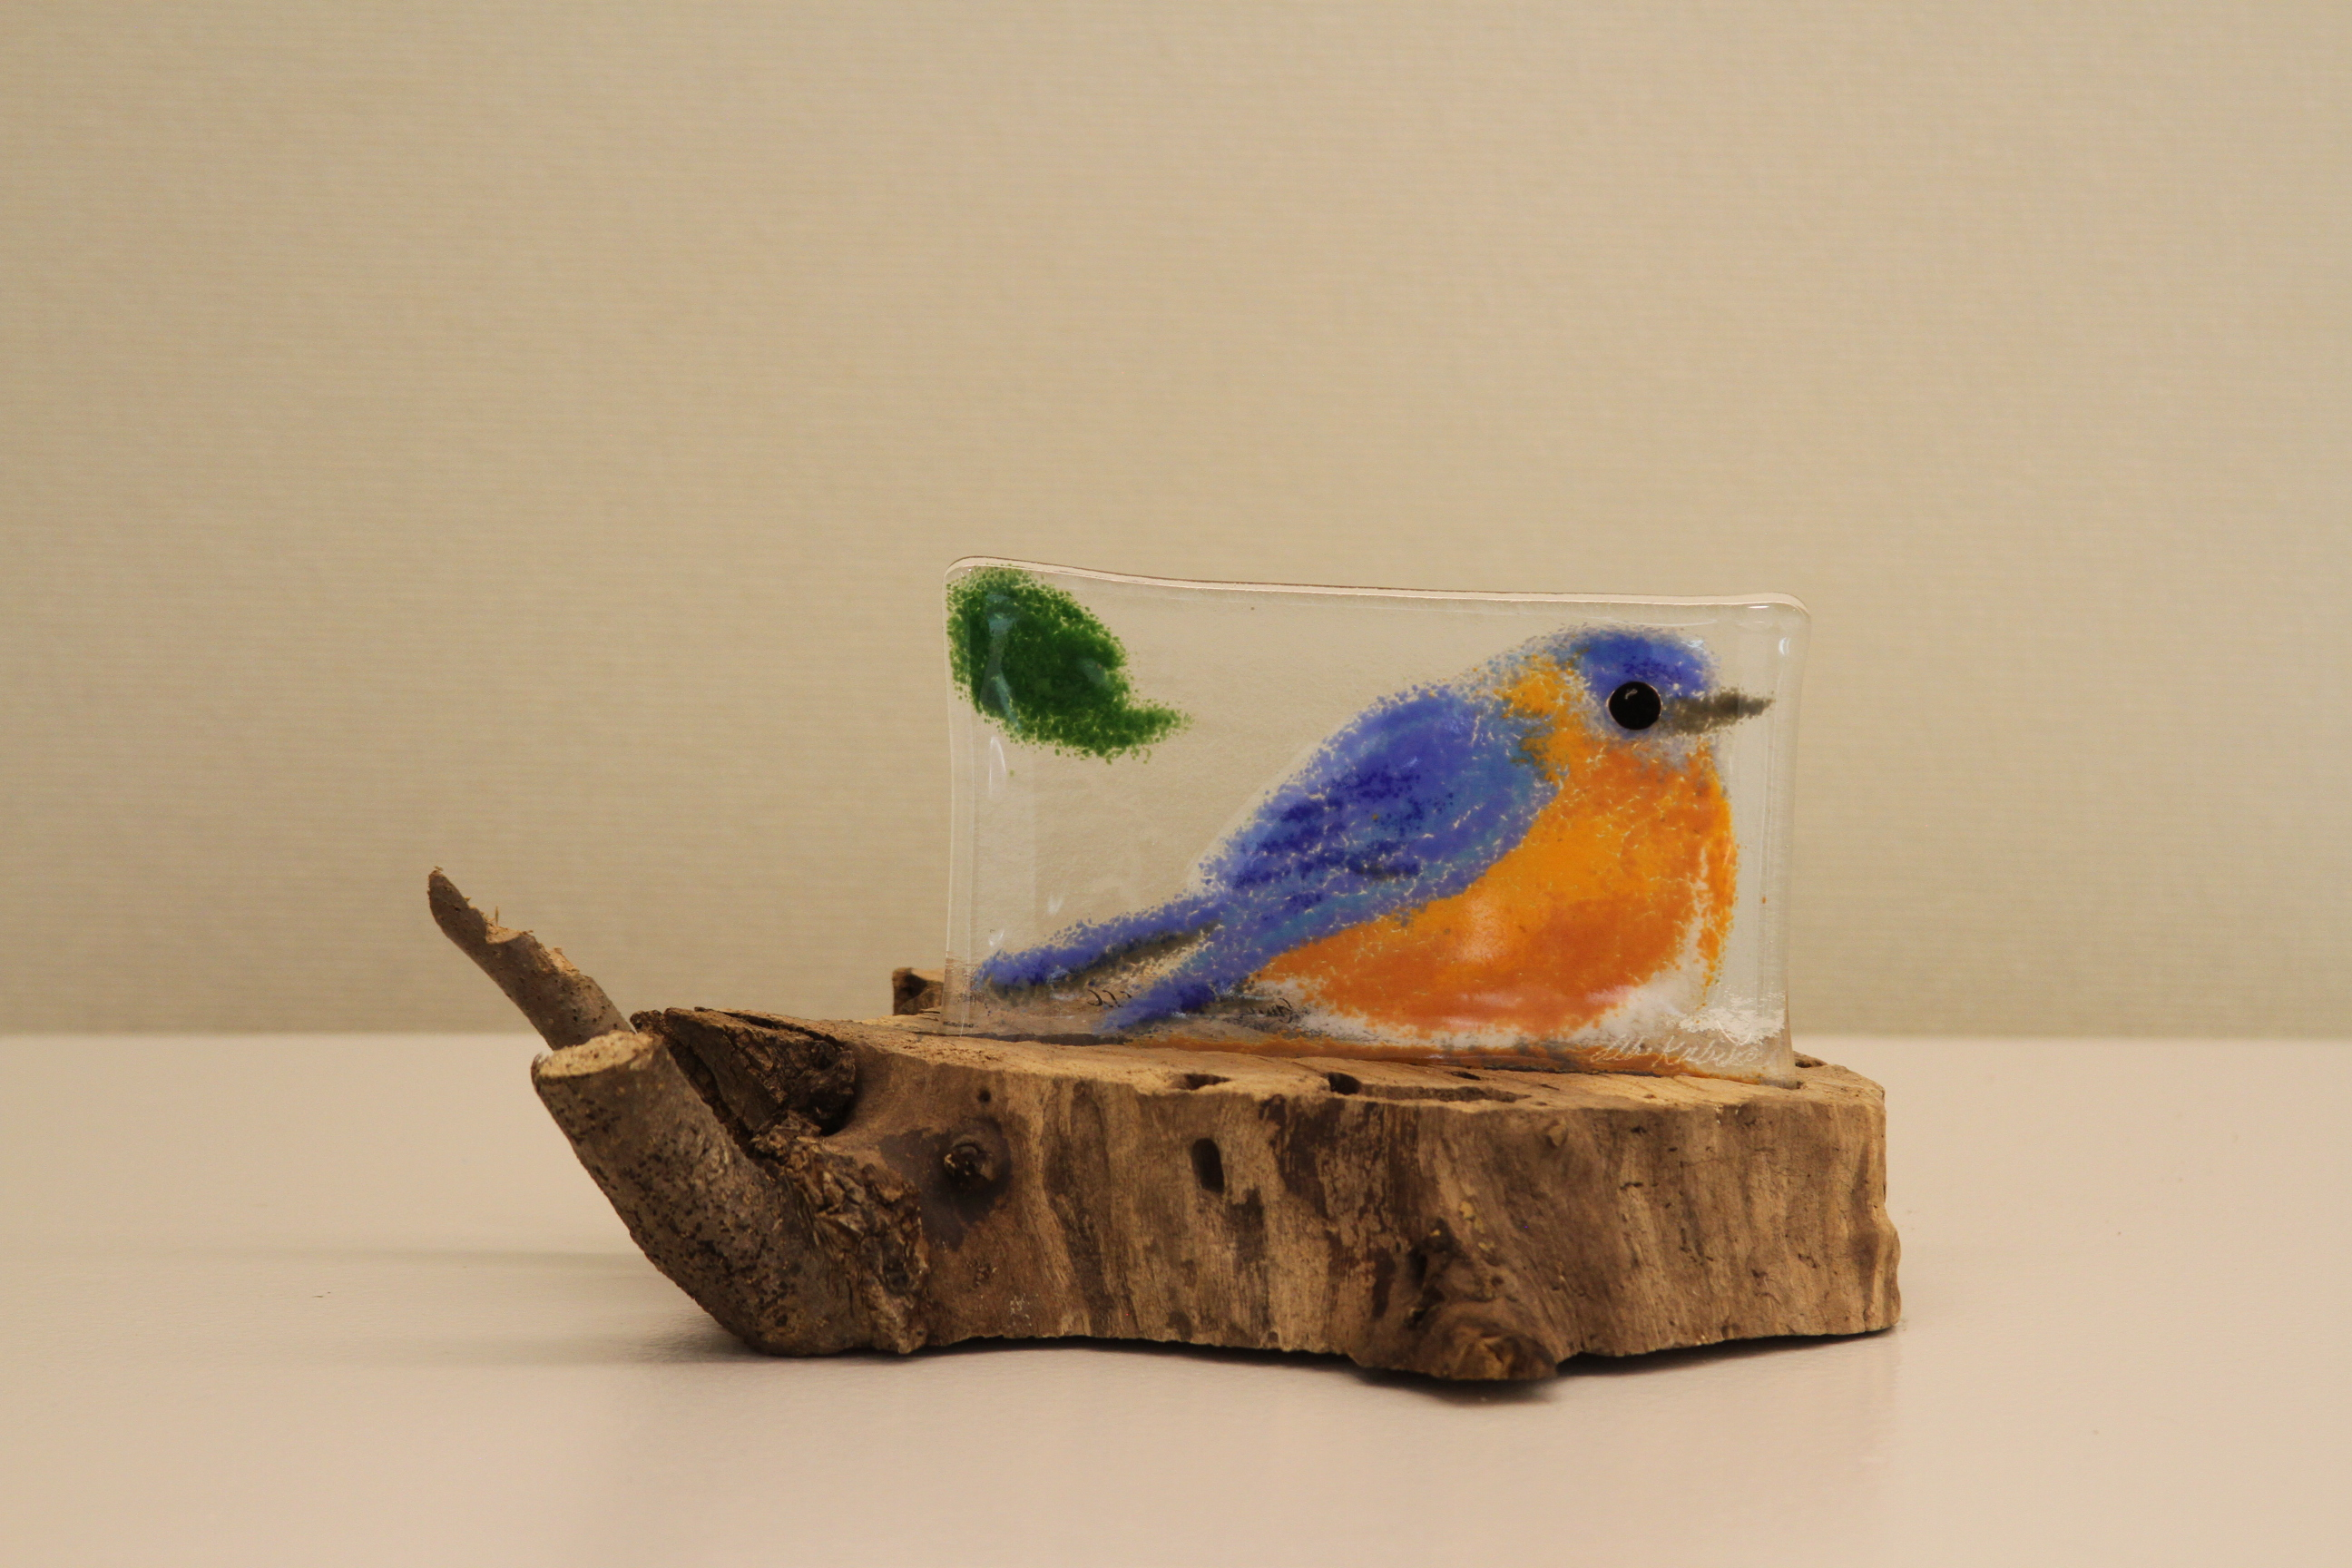 Blue Bird (on Stump)